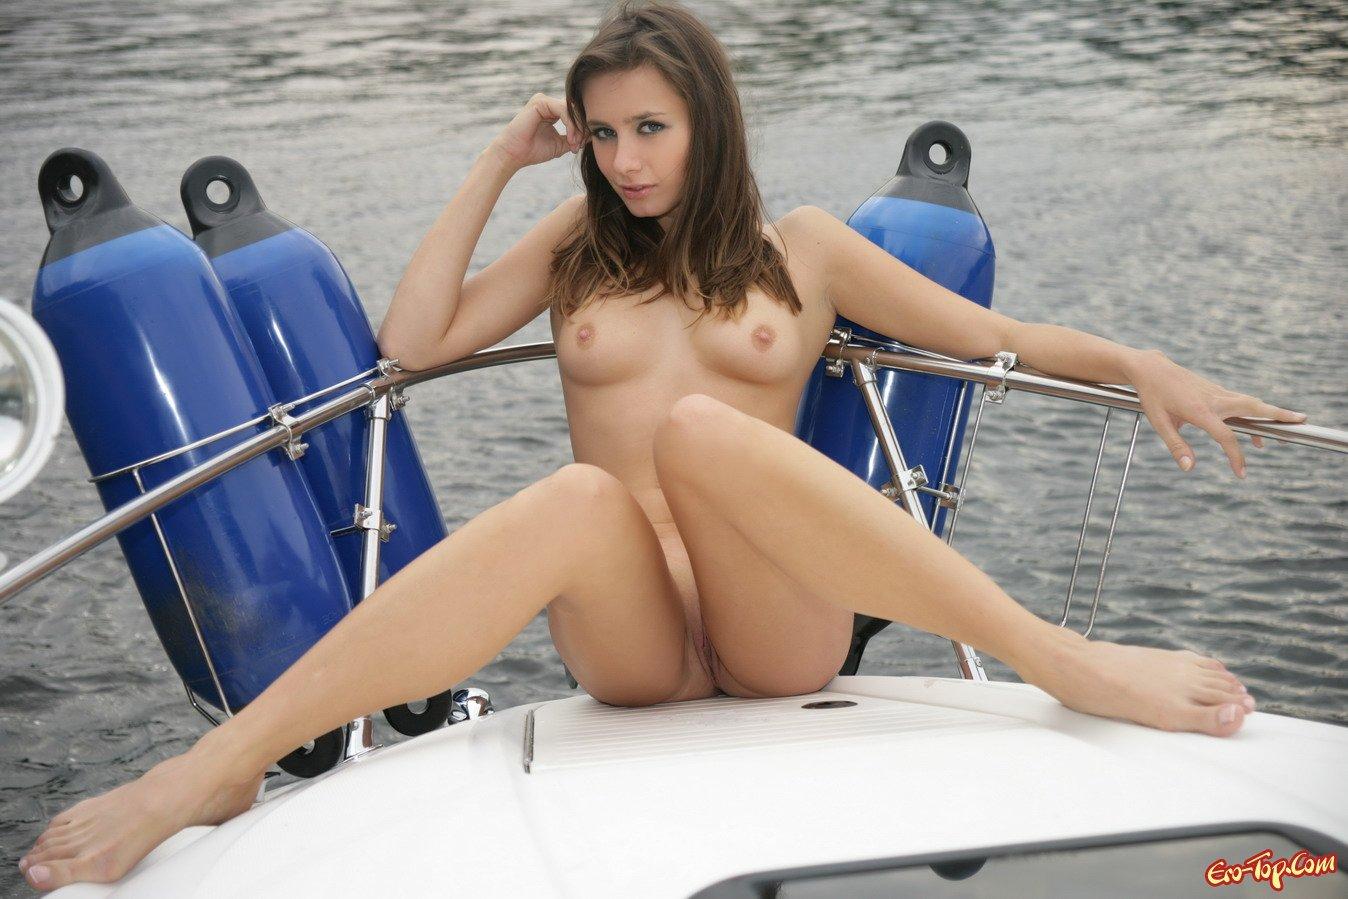 Голые девушки на яхте фото 733-204